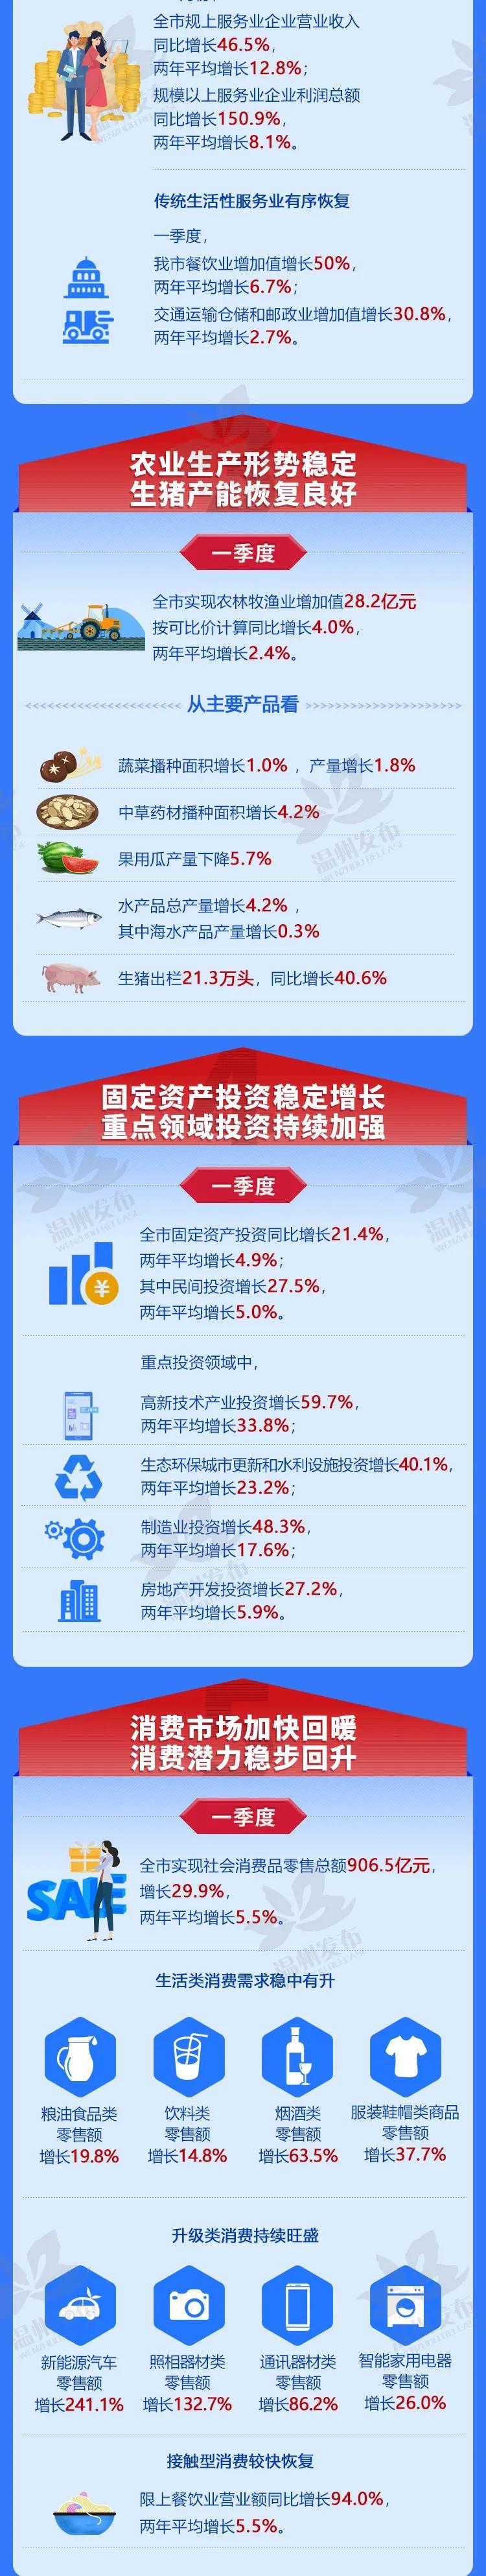 温州二季度gdp_浙江绍兴一季度GDP首破1400亿,较嘉兴经济总量差距如何变化?